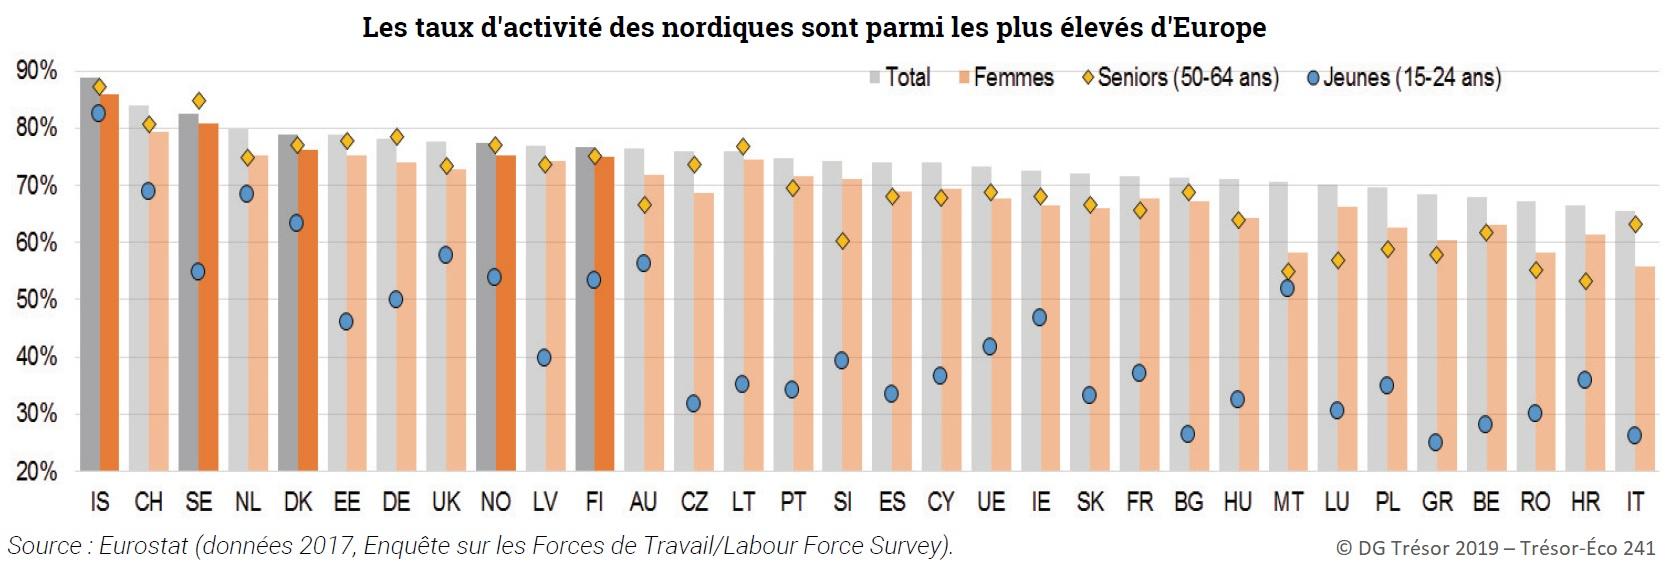 Graphique : Taux d'activité dans les pays nordiques et l'UE (total, femmes, seniors, jeunes)